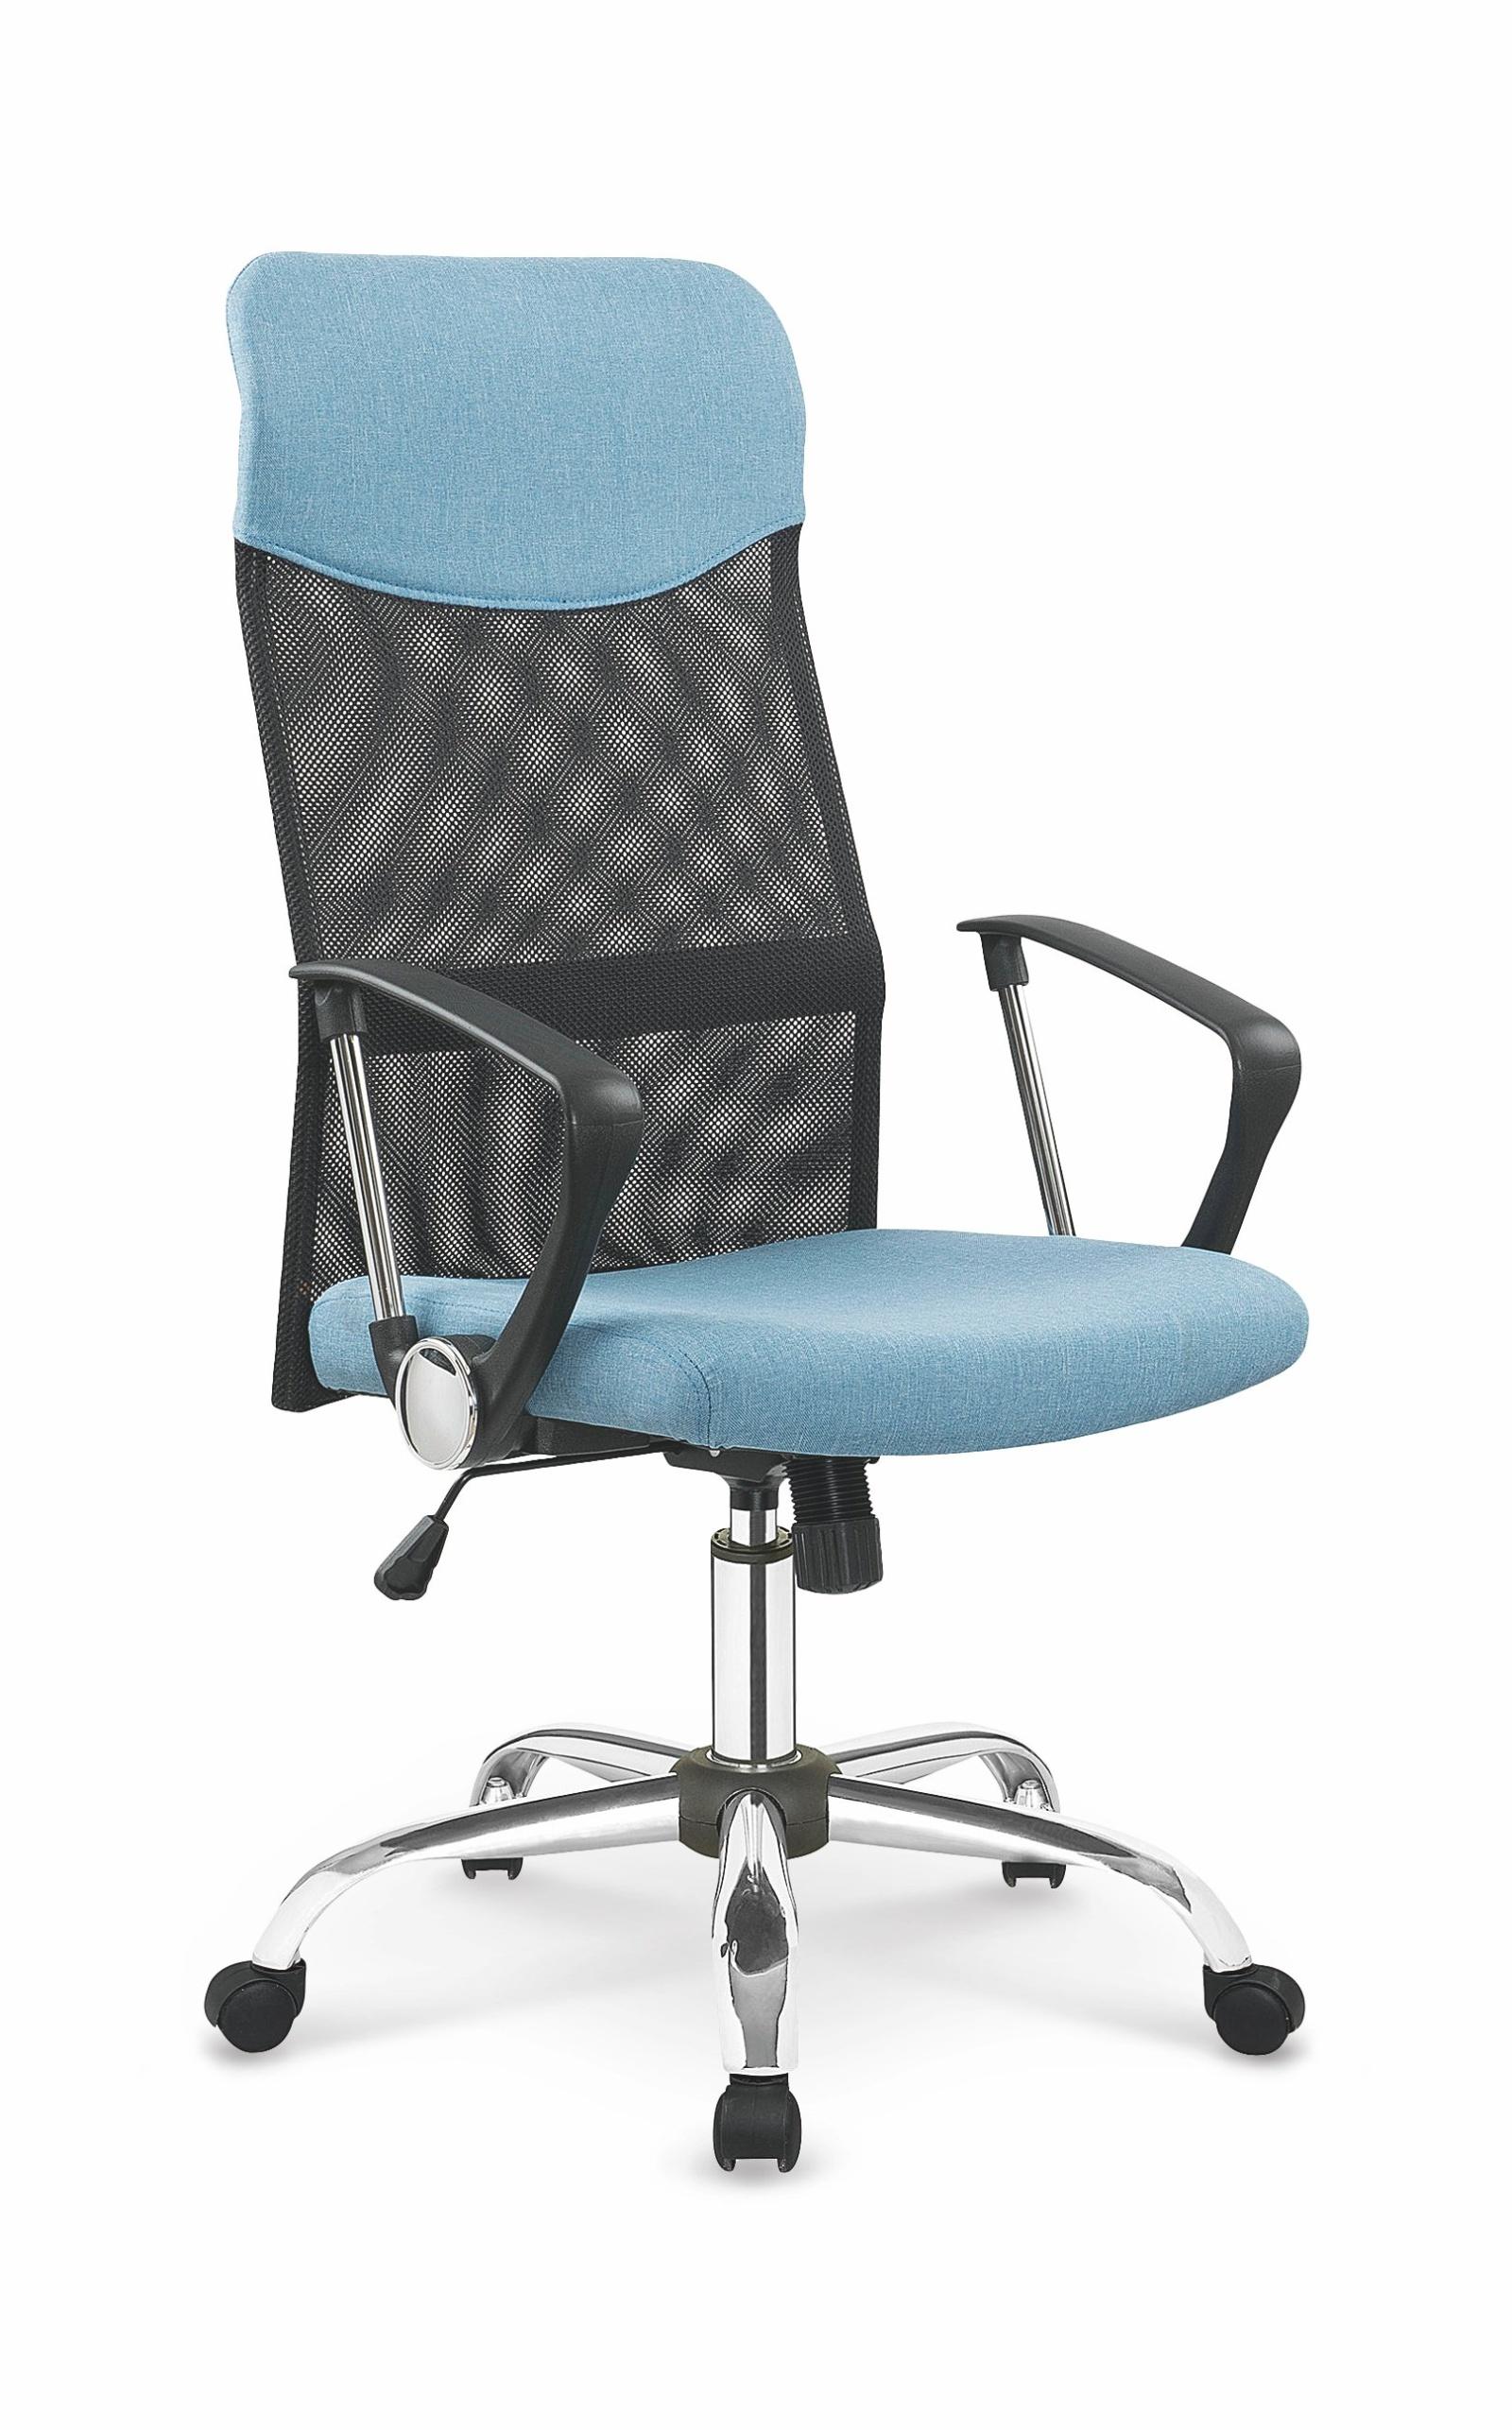 Smartshop Kancelářská židle VIRE 2, modrá